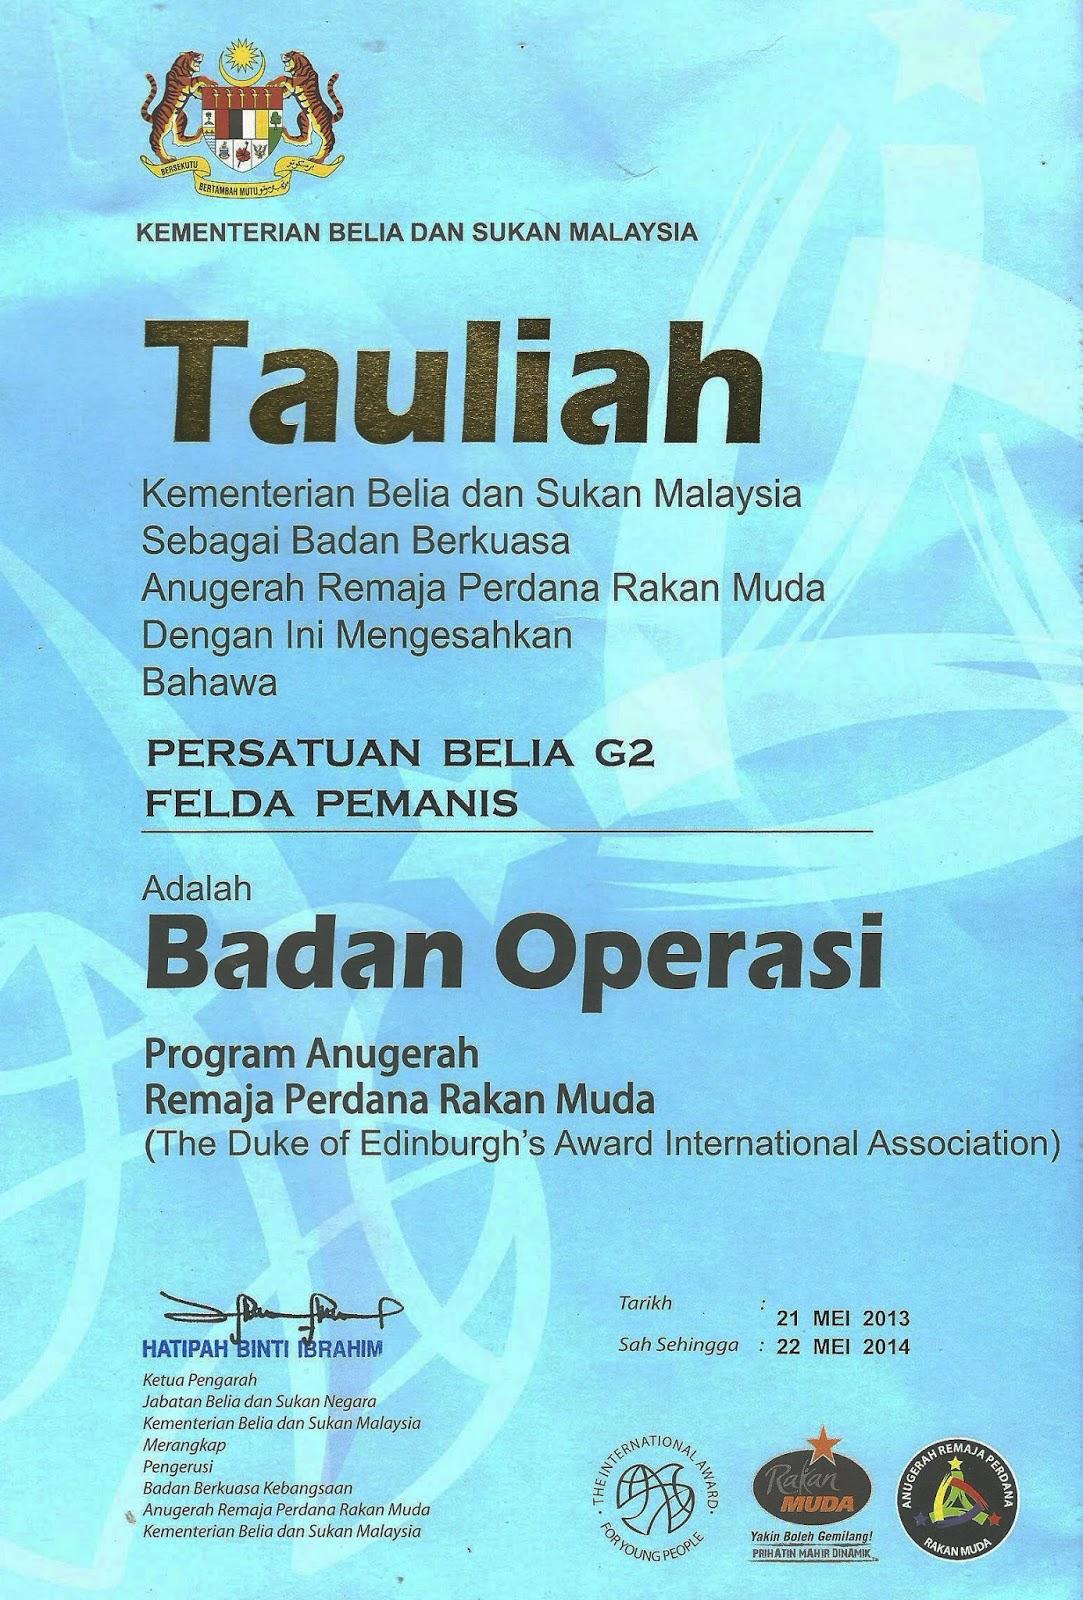 Tauliah yang diperbaharui setiap tahun diberikan oleh kementerian belia dan sukan malaysia